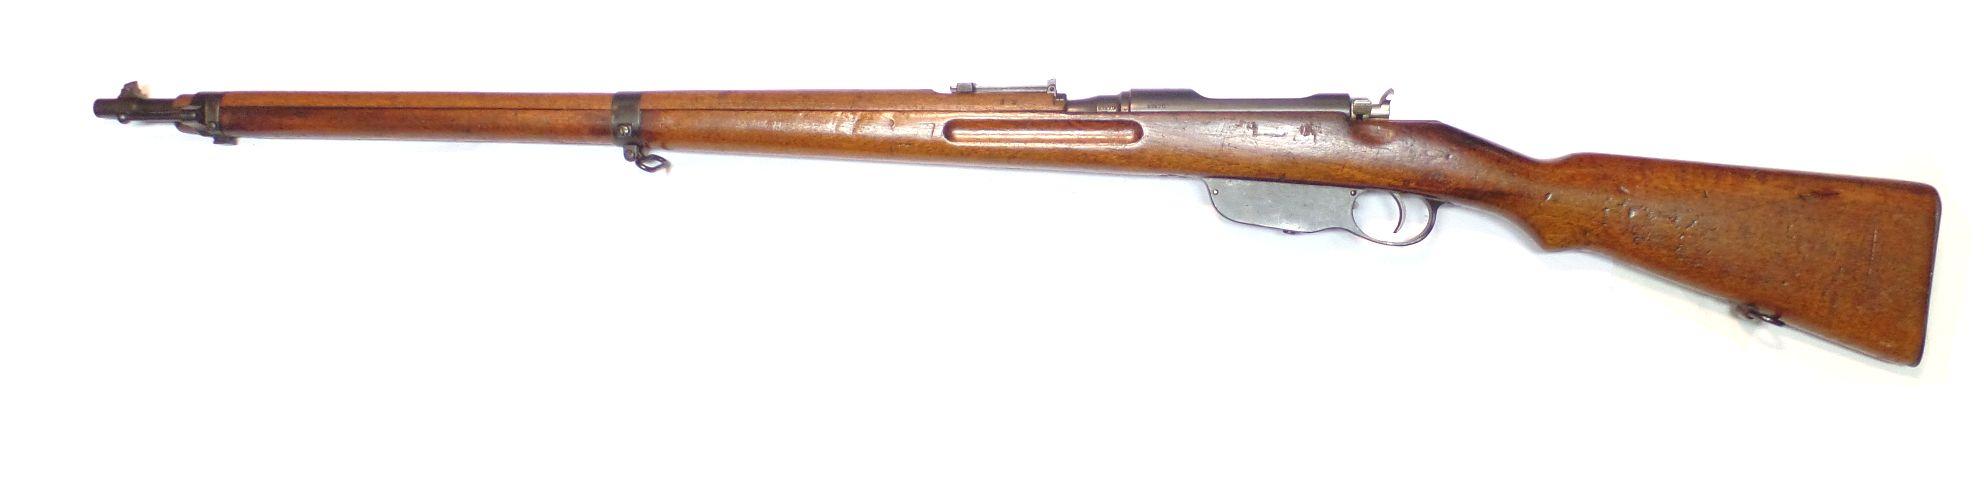 STEYR M95 calibre 8x56R